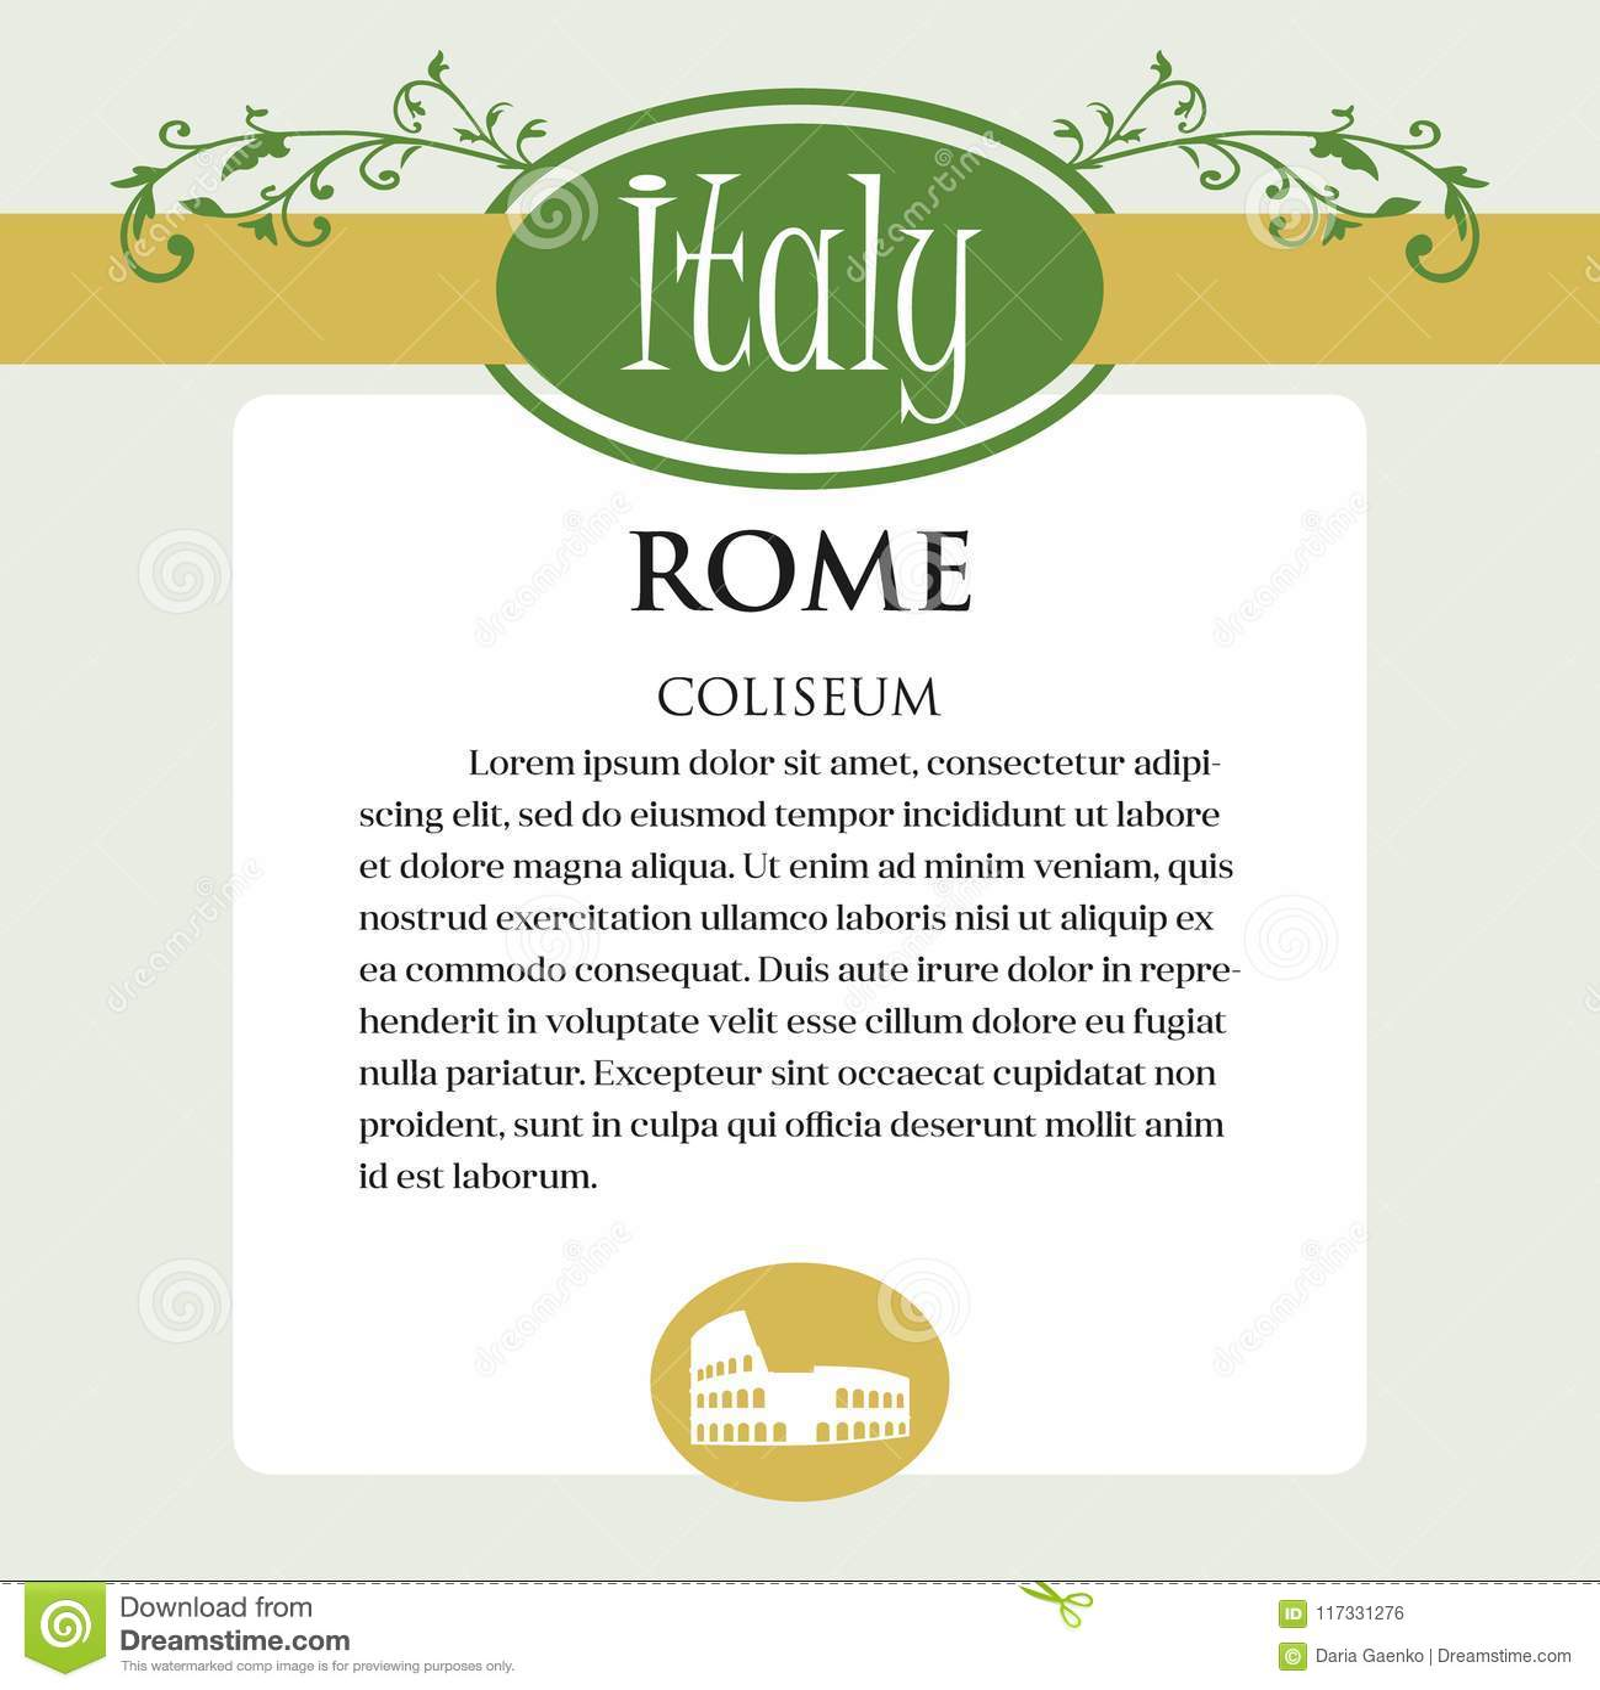 Página ou menu de Designe para produtos italianos Pode ser um guia com informação sobre a cidade italiana de Roma coliseum